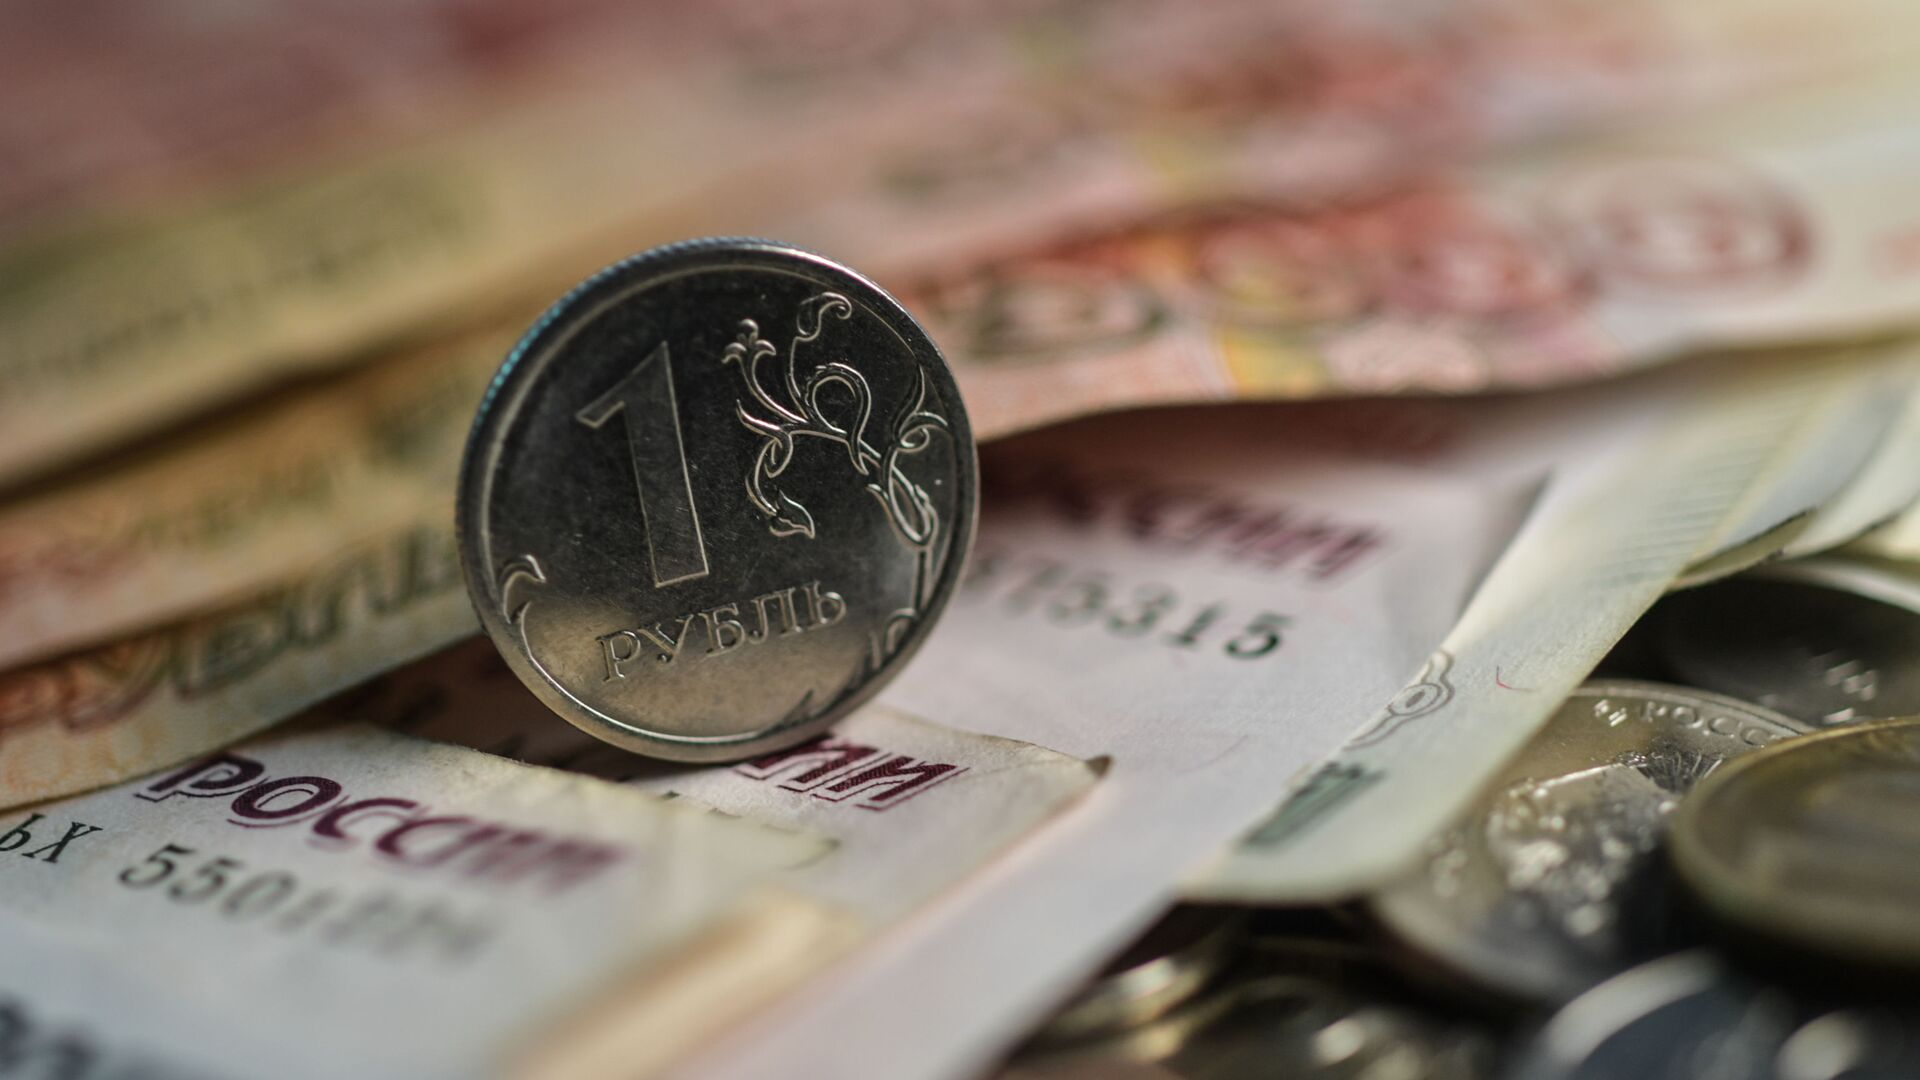 Денежные купюры и монеты. - Sputnik Абхазия, 1920, 12.10.2021